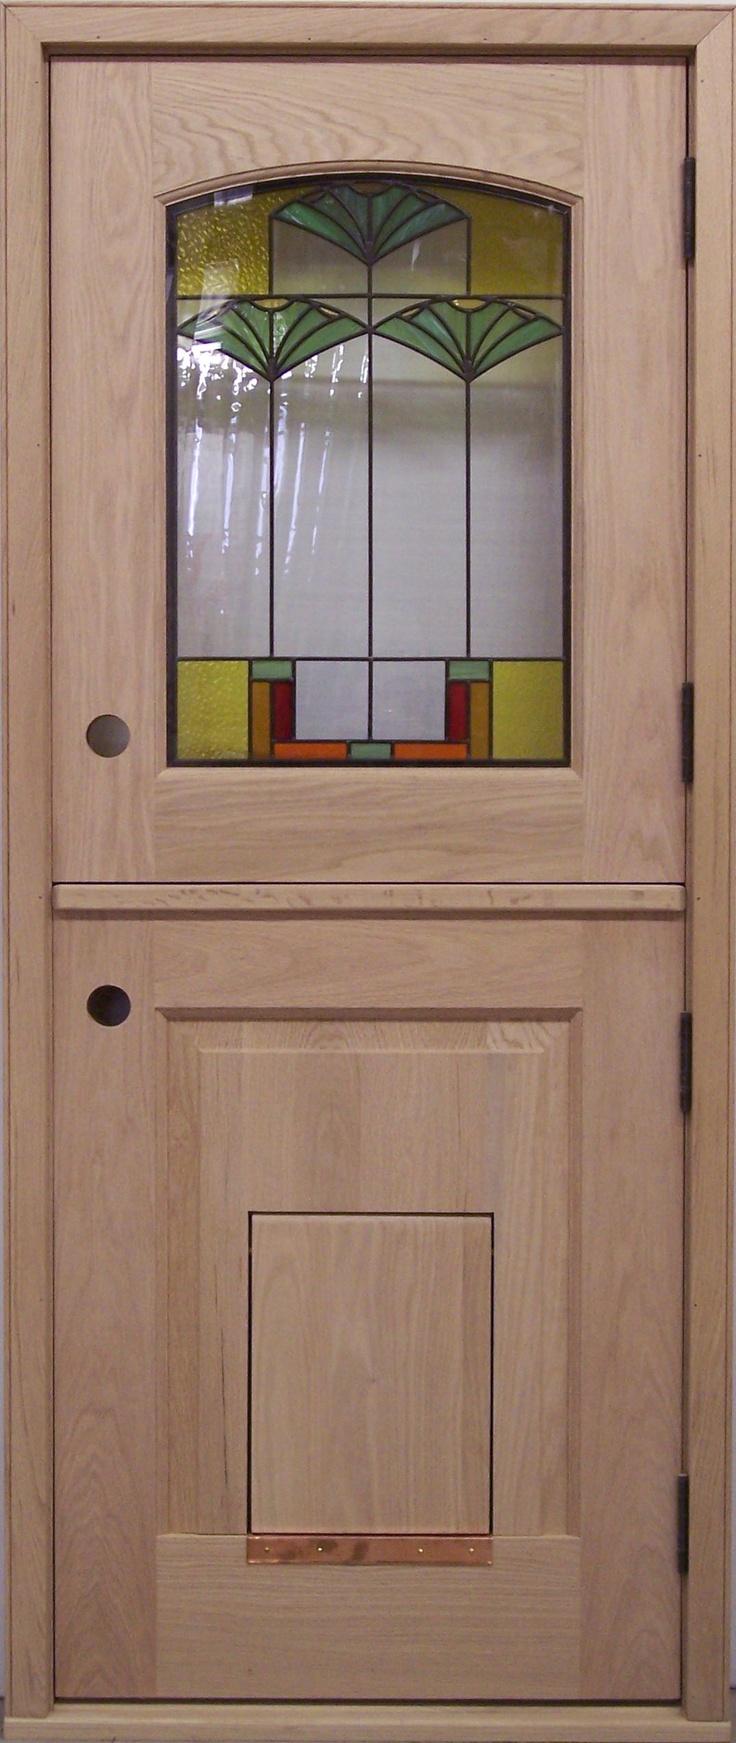 Dutch Door: Exterior Dutch Doors